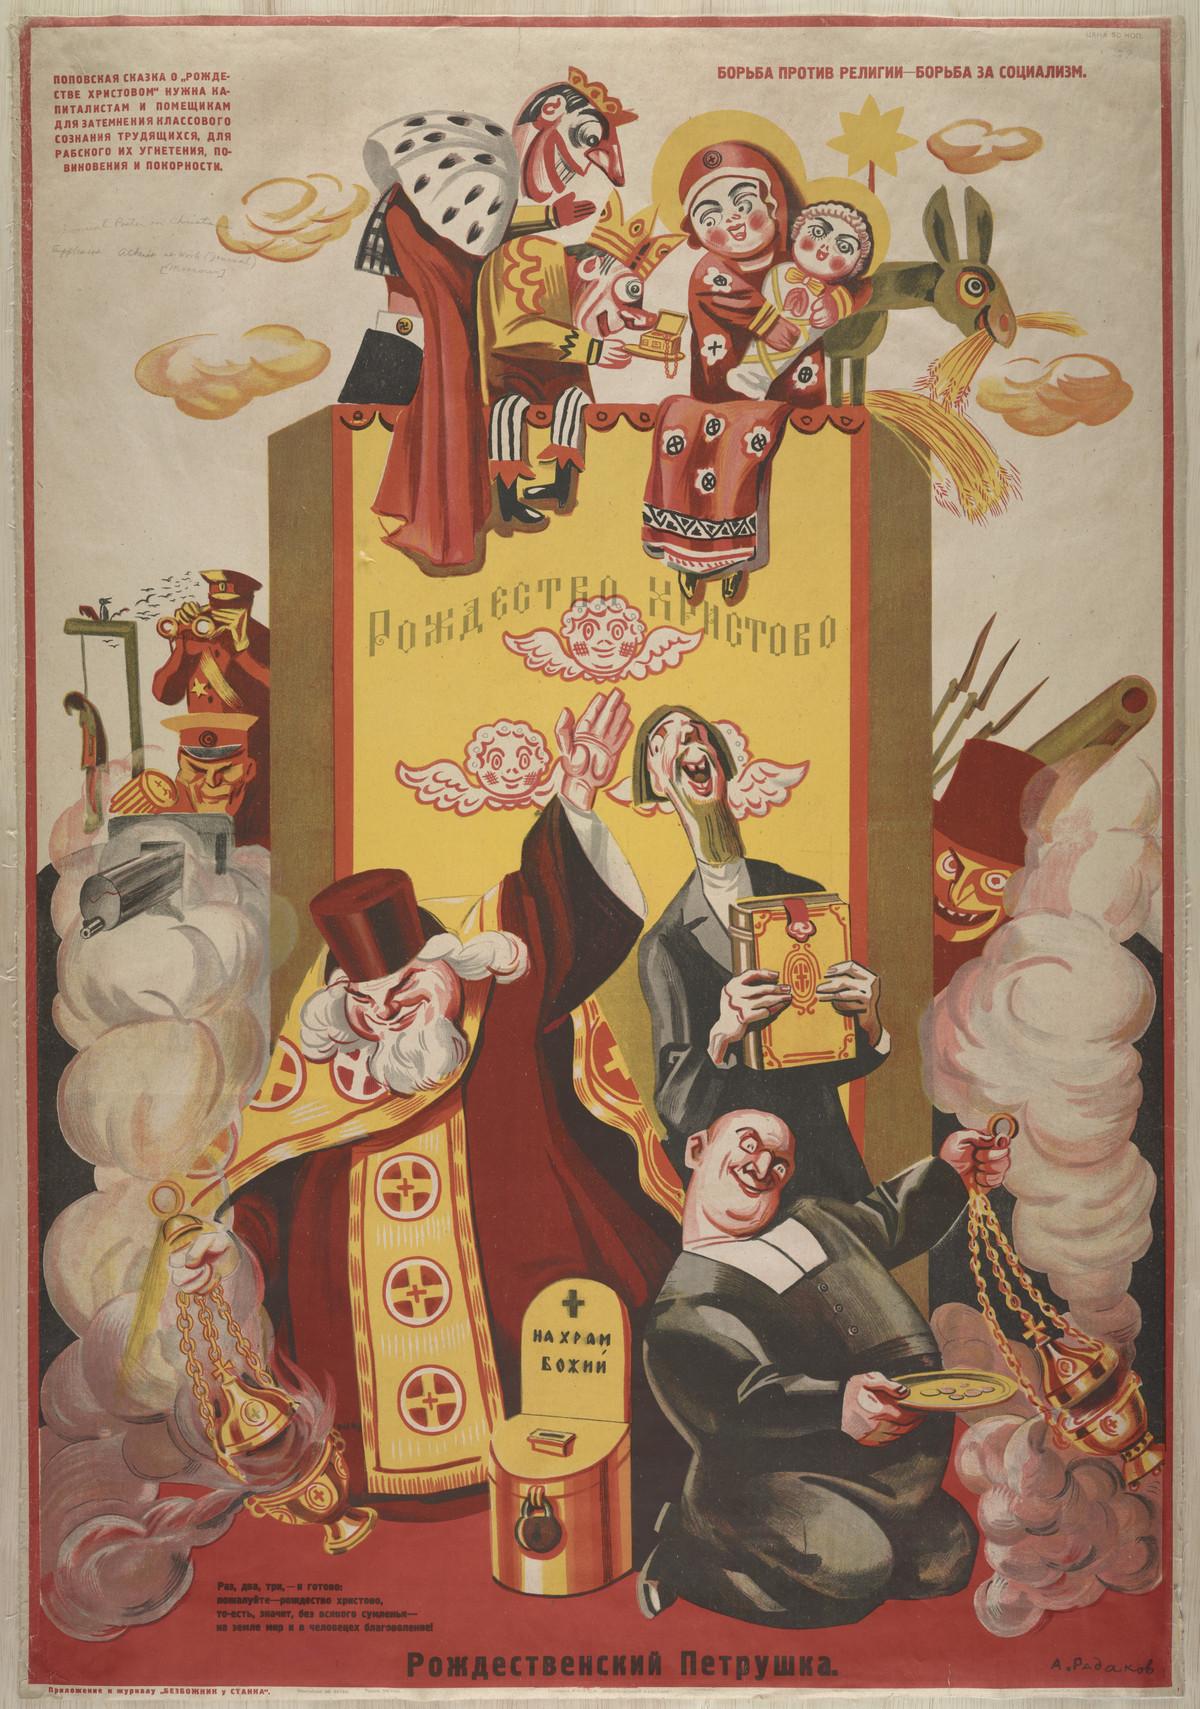 sovetskie-kommunisticheskie-plakaty_76